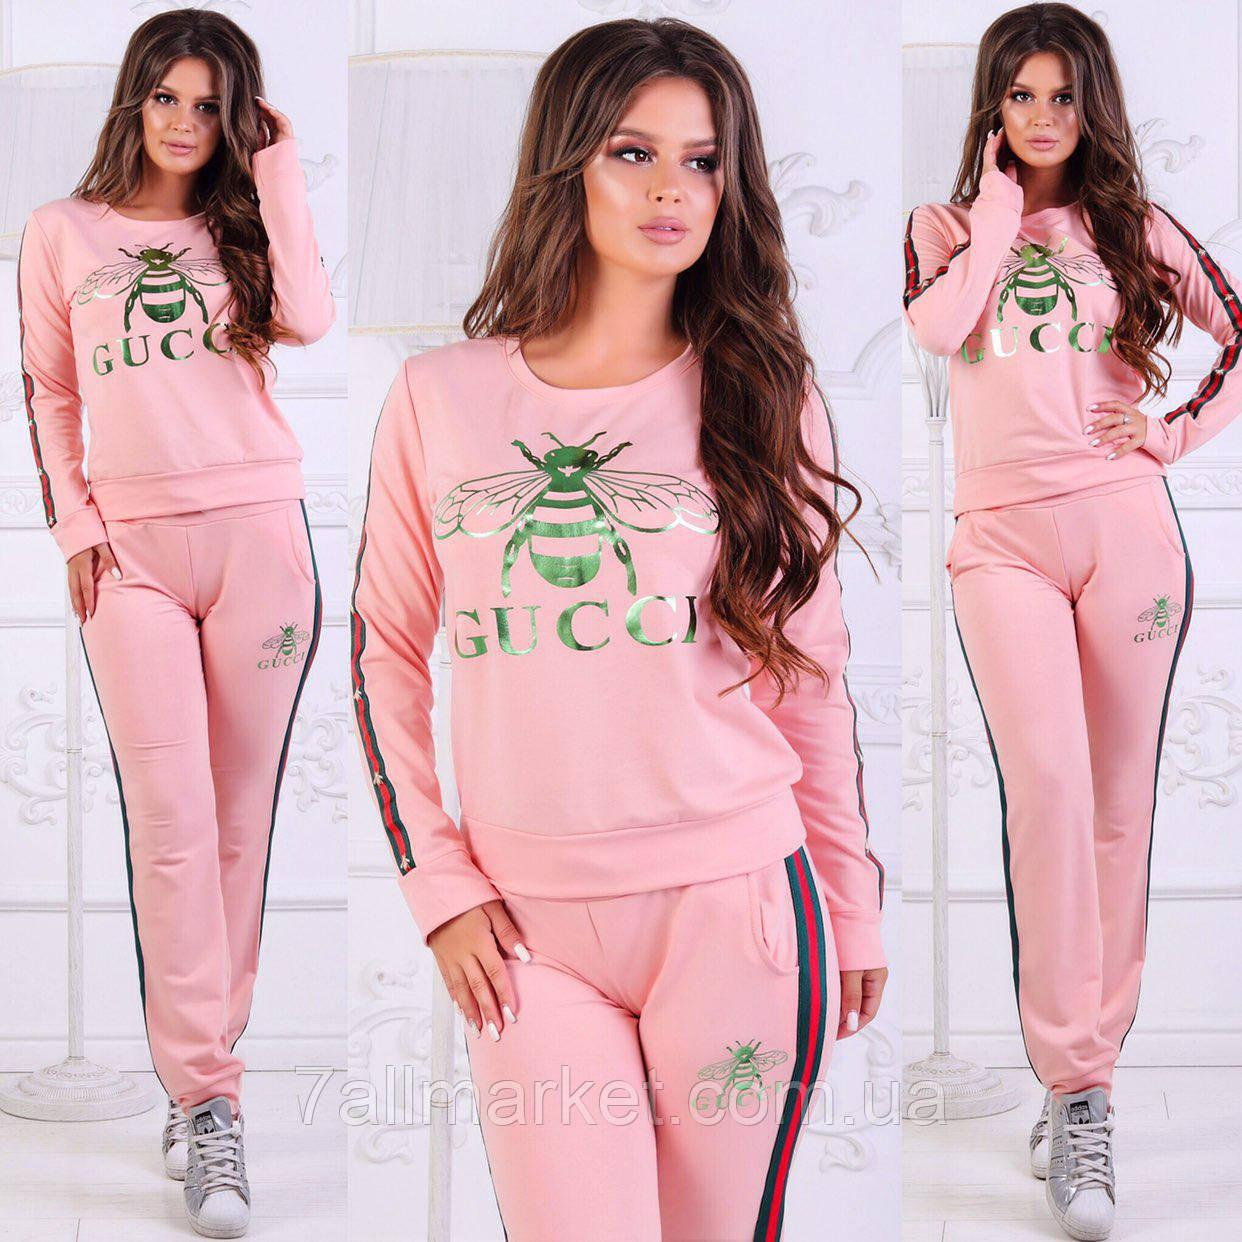 e913ea4af3d0 Спортивный костюм женский брендовый GUCCI размеры 42-48 (5цветов) Серии